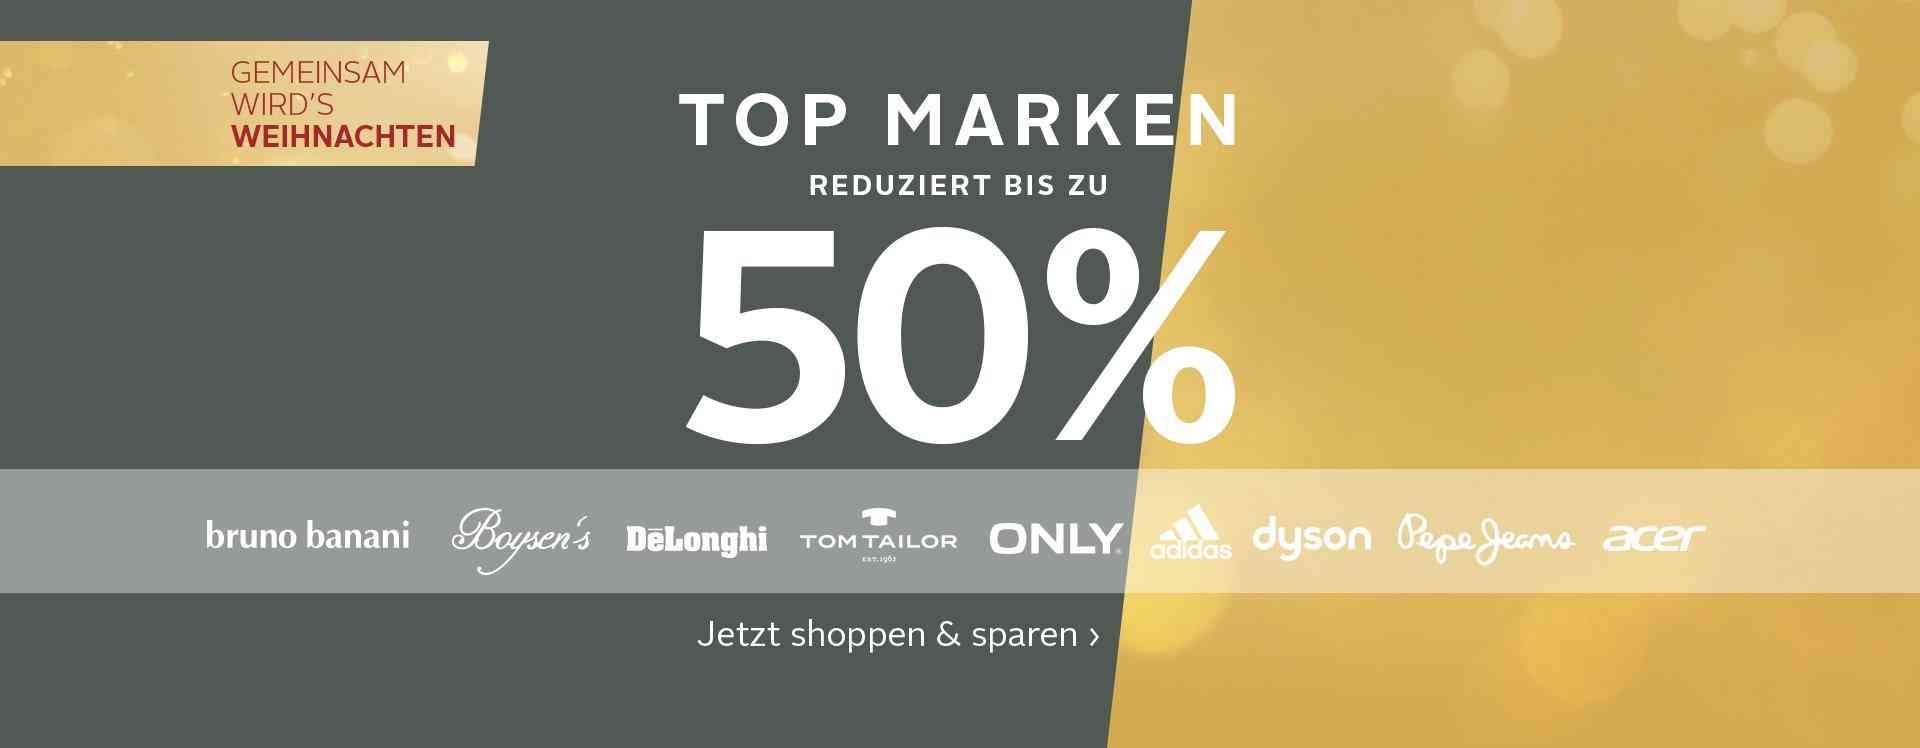 Лучшие бренды bis zu 50% reduziert